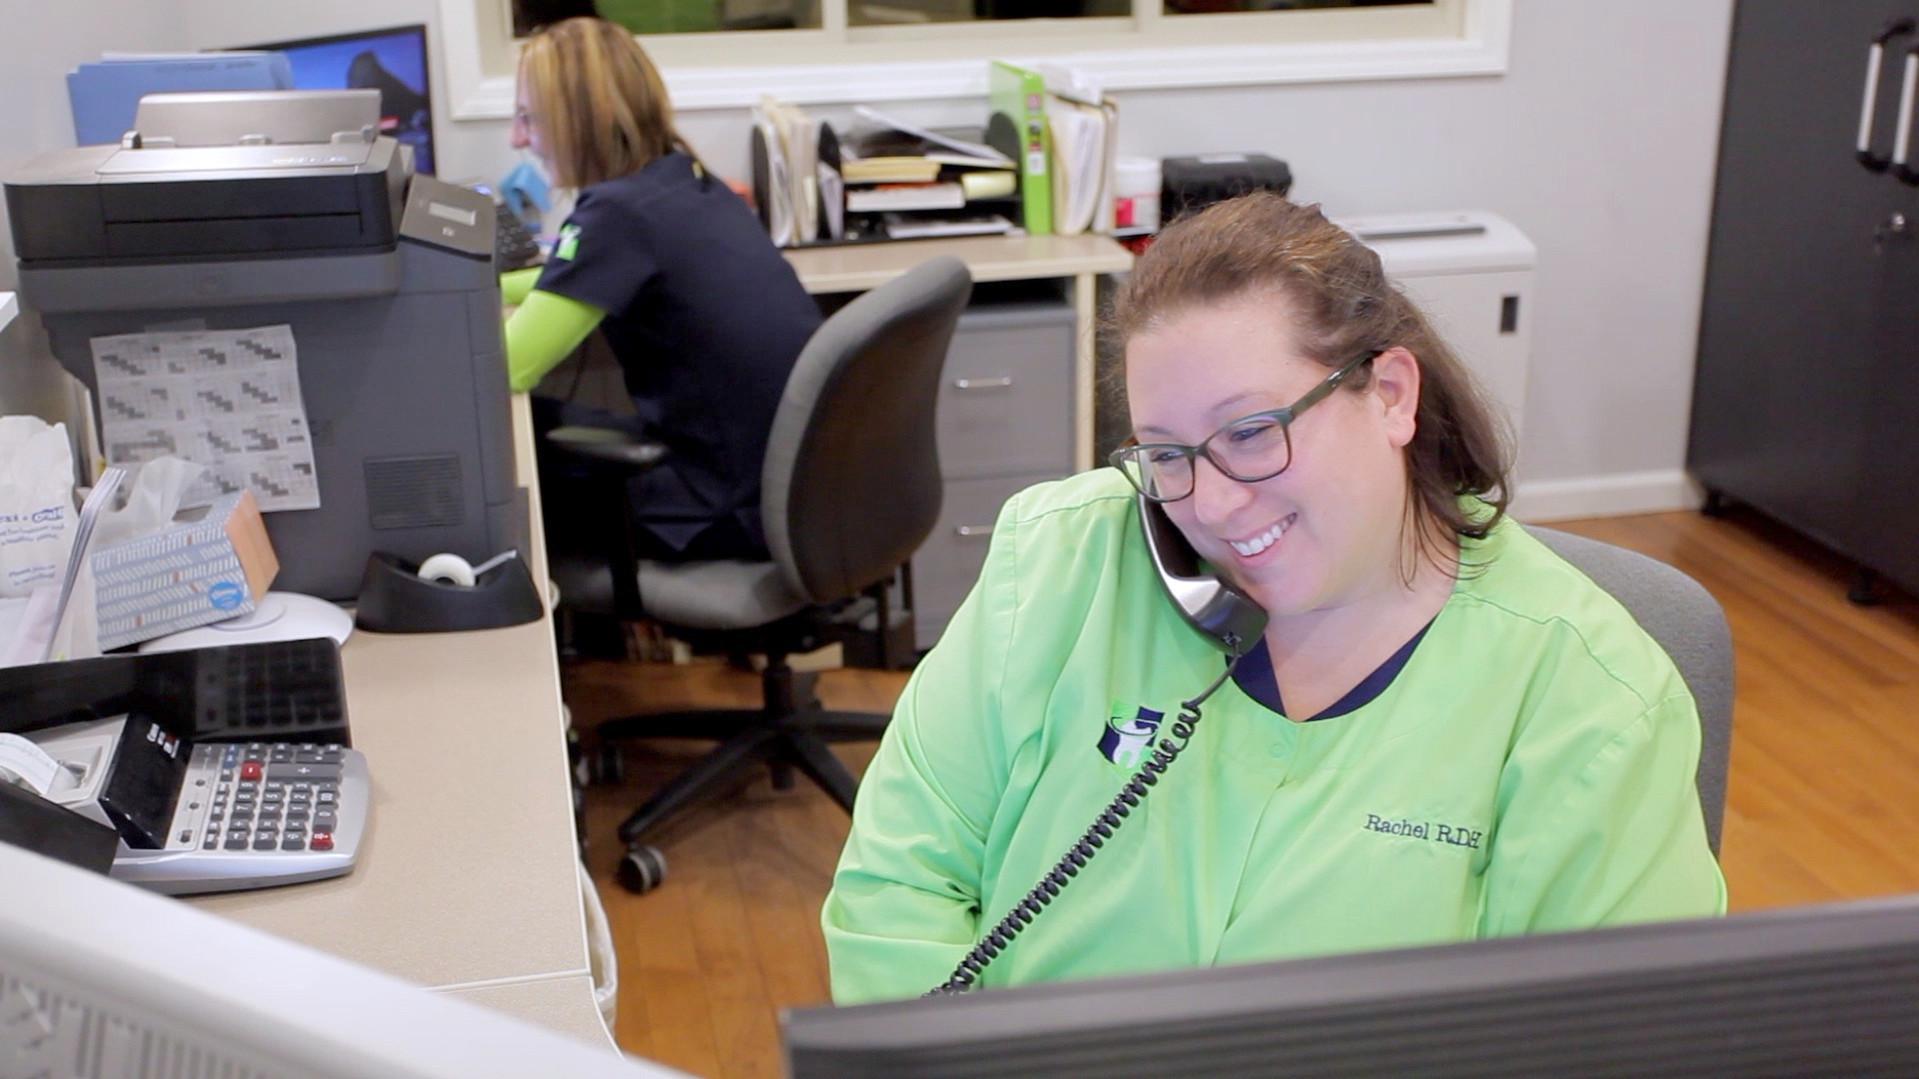 Rachel - Honest Dental